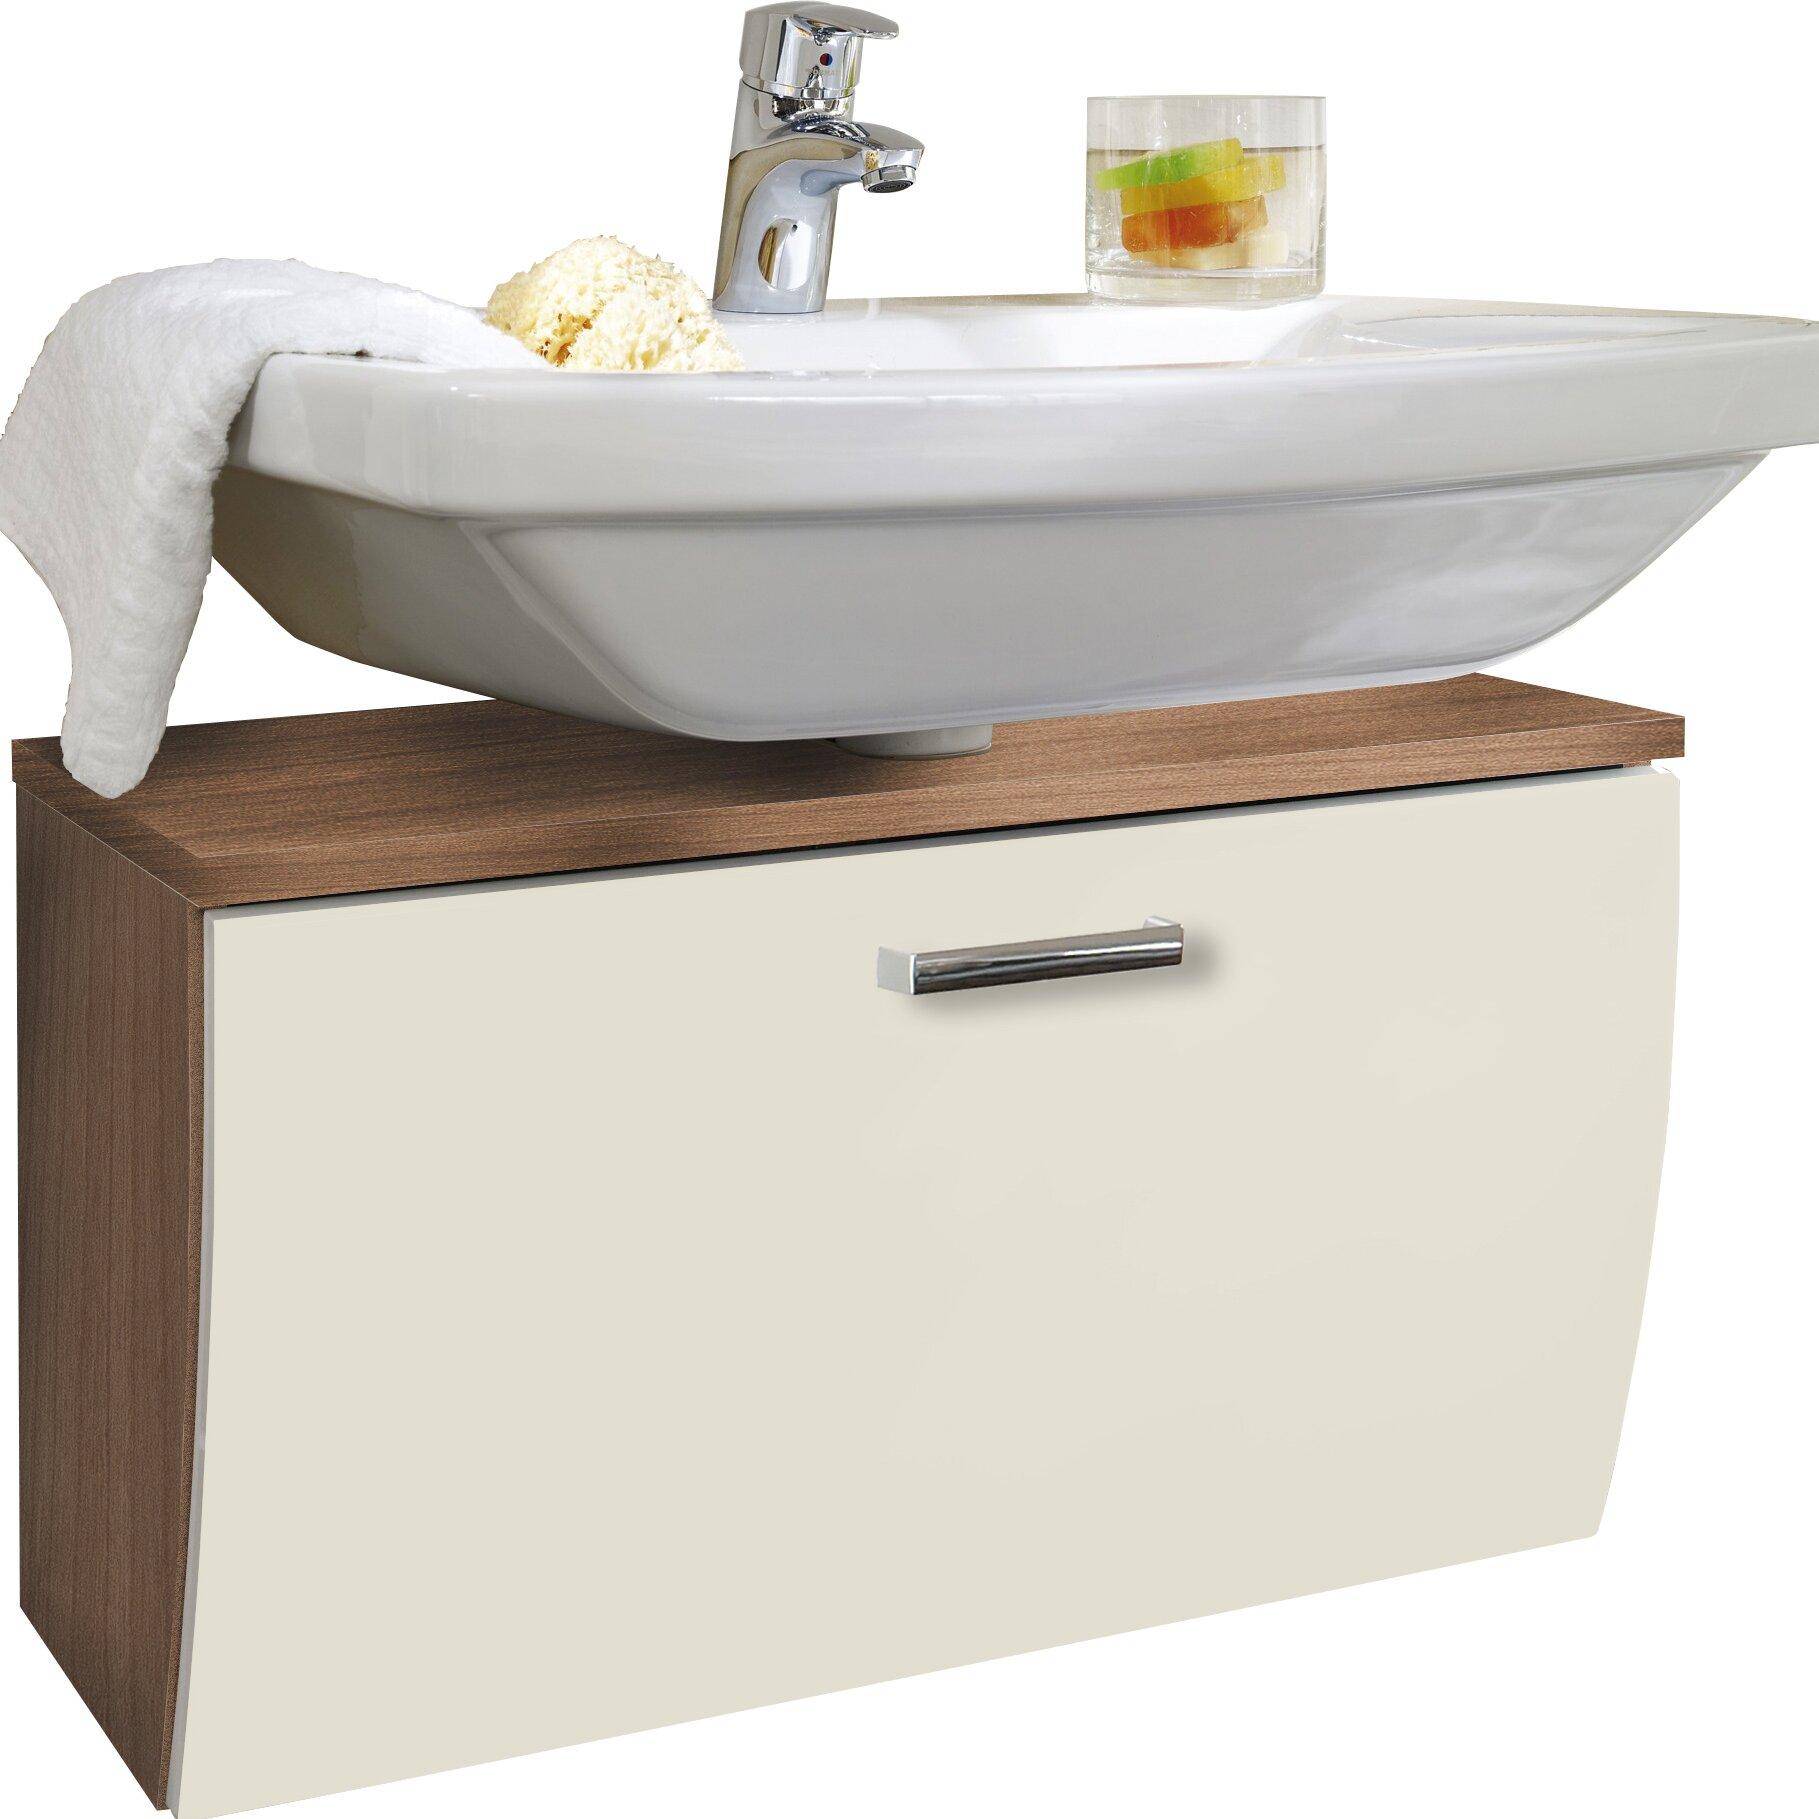 belfry 70 cm wandmontierter waschtisch von manufacturer. Black Bedroom Furniture Sets. Home Design Ideas